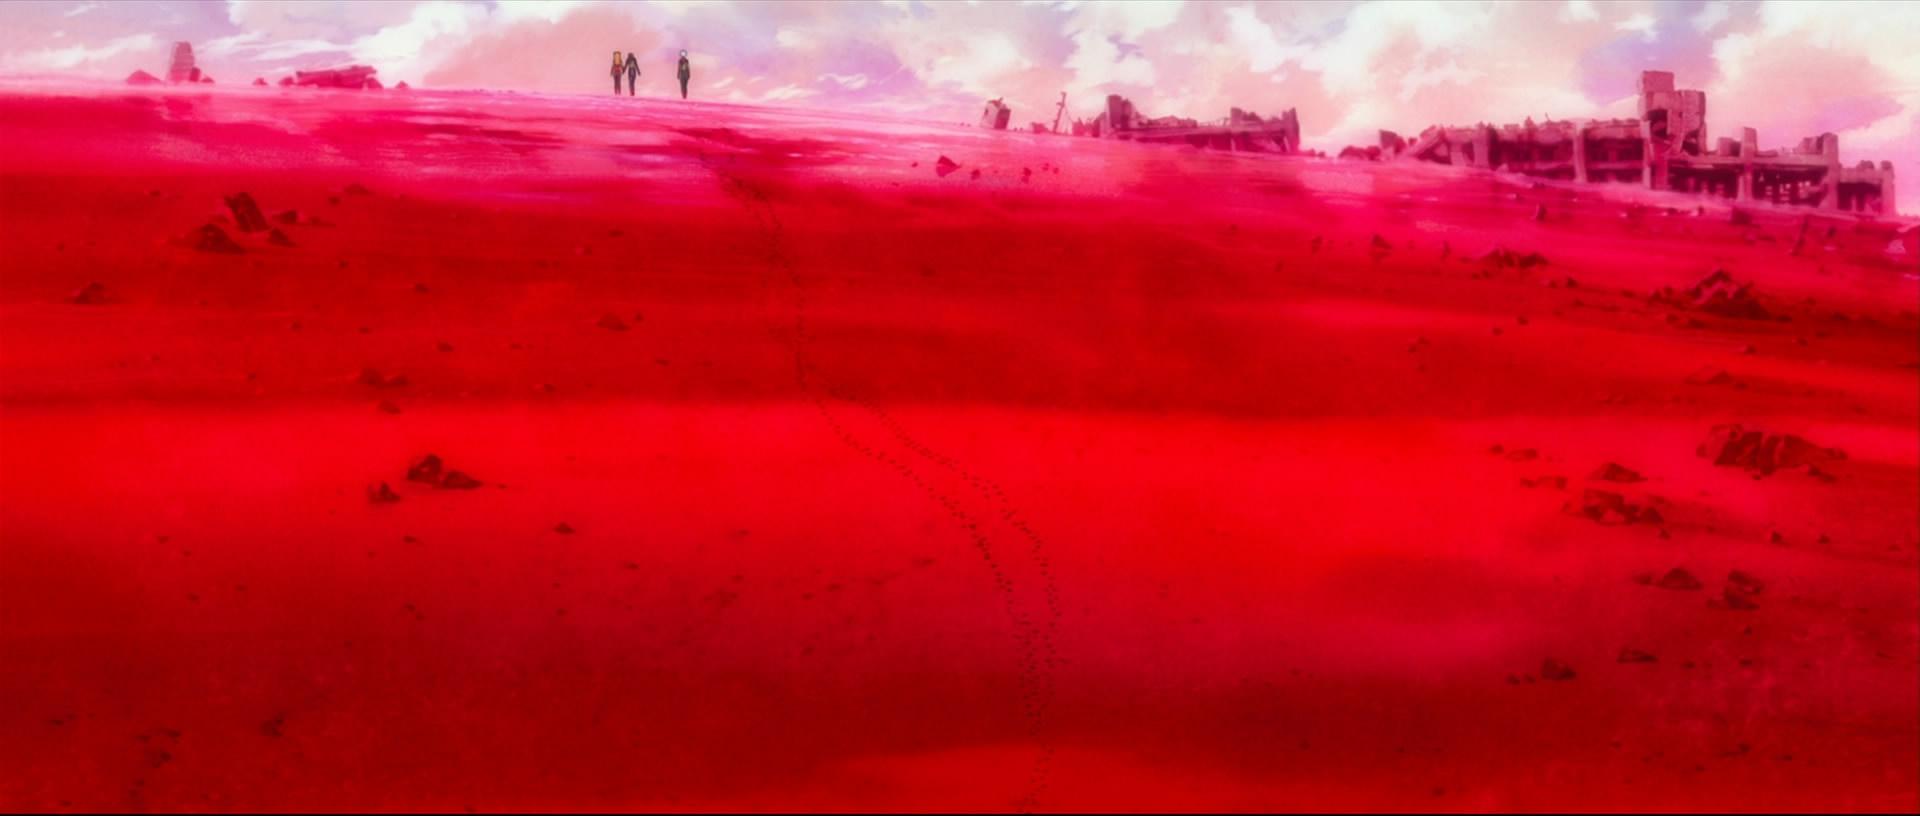 Evangelion 333 you can not redo legendado ptbr filme hd - 3 1